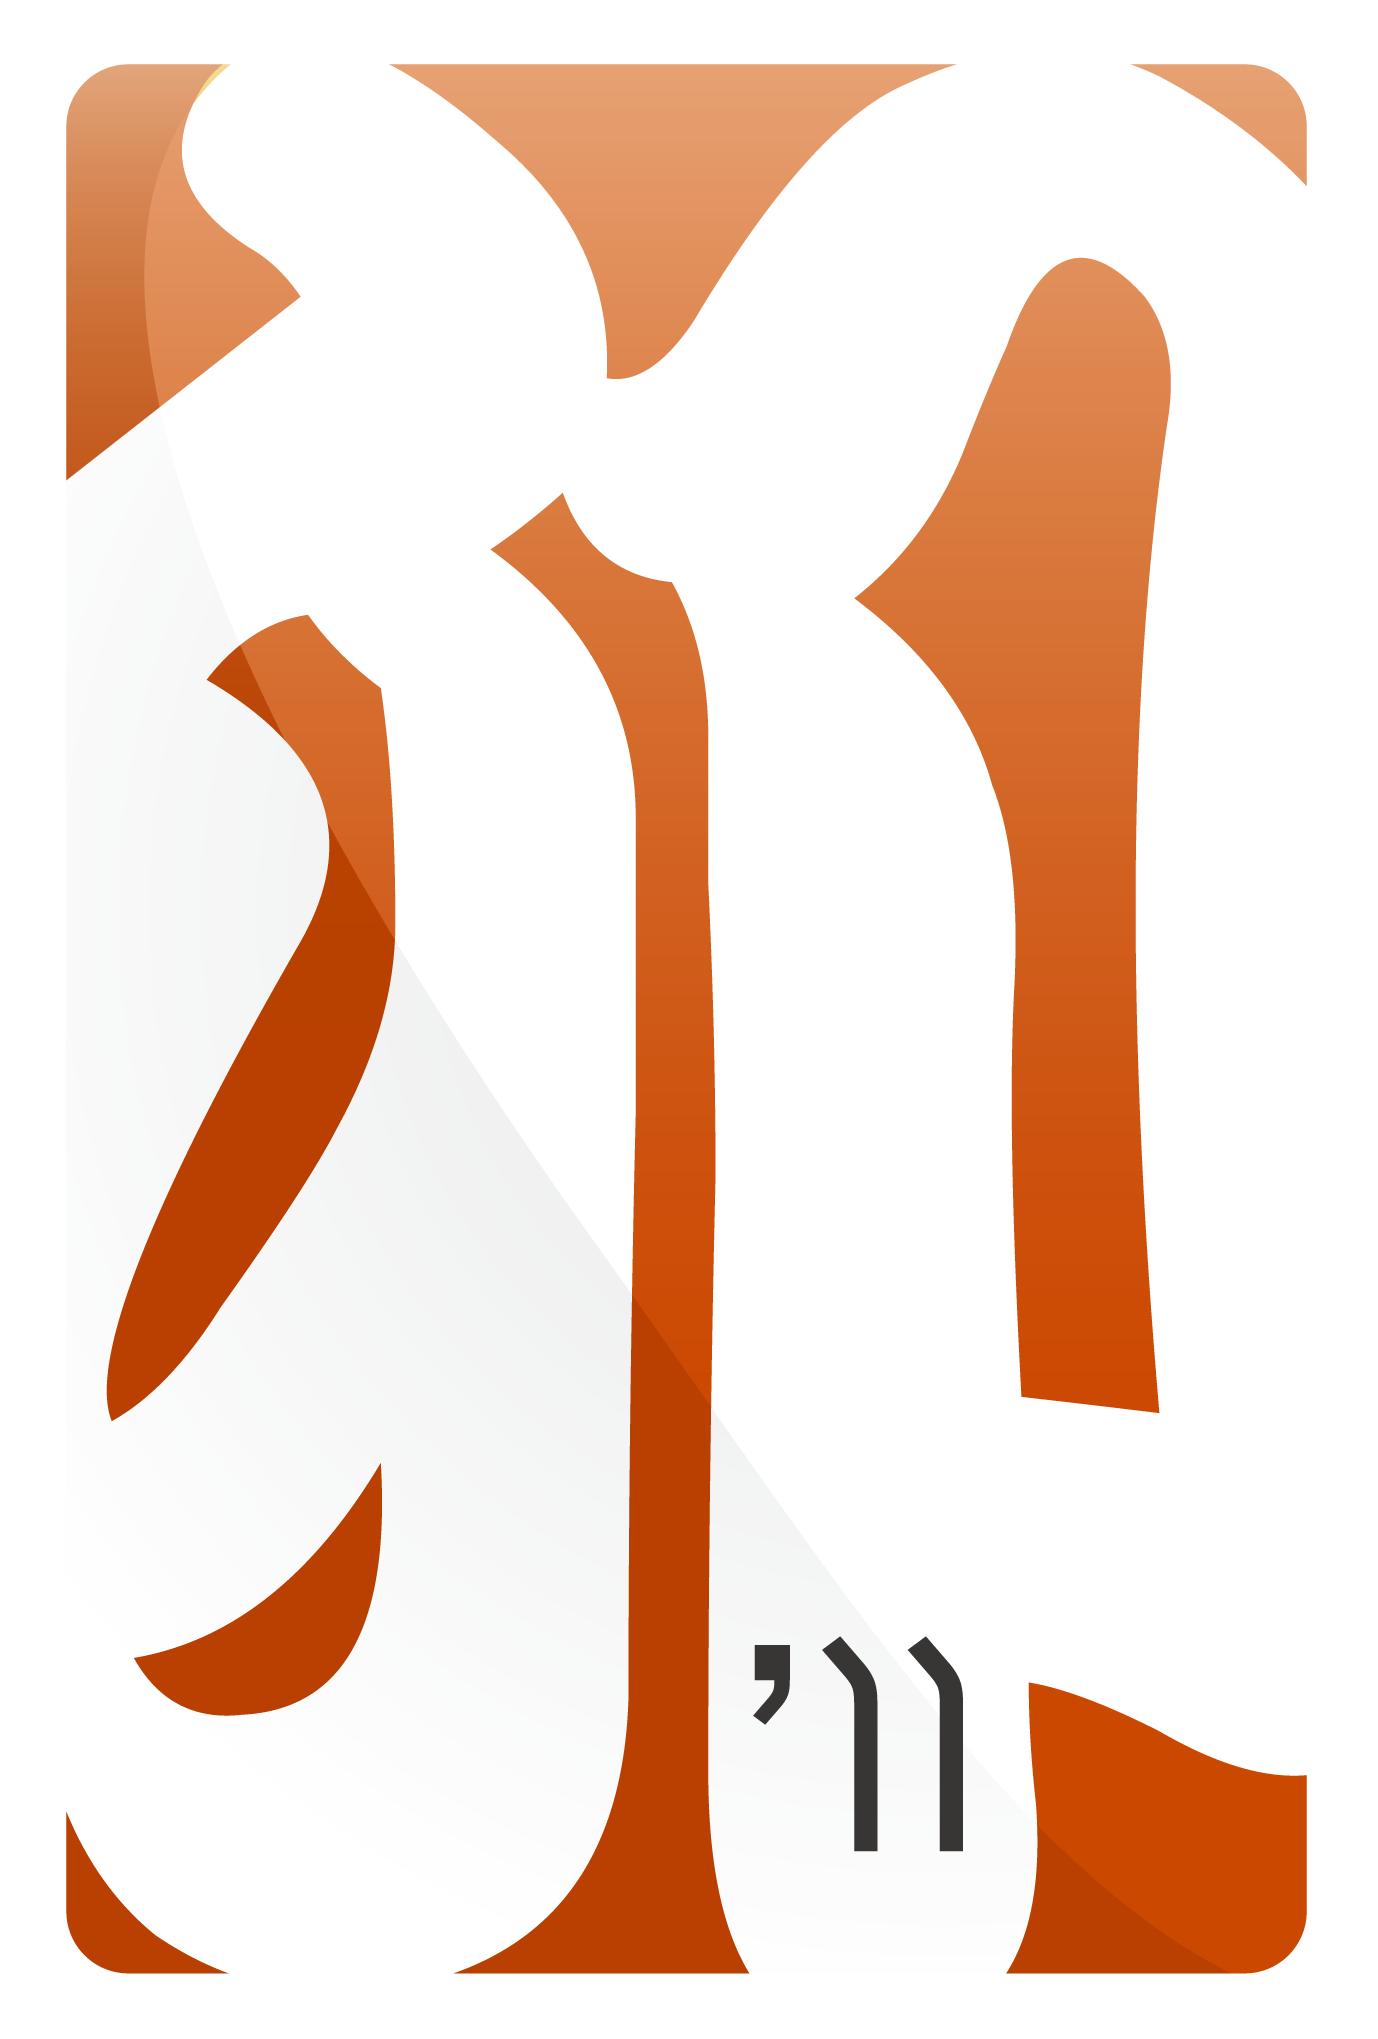 2011年賀状03:江戸勘亭流(卯)リッチのダウンロード画像